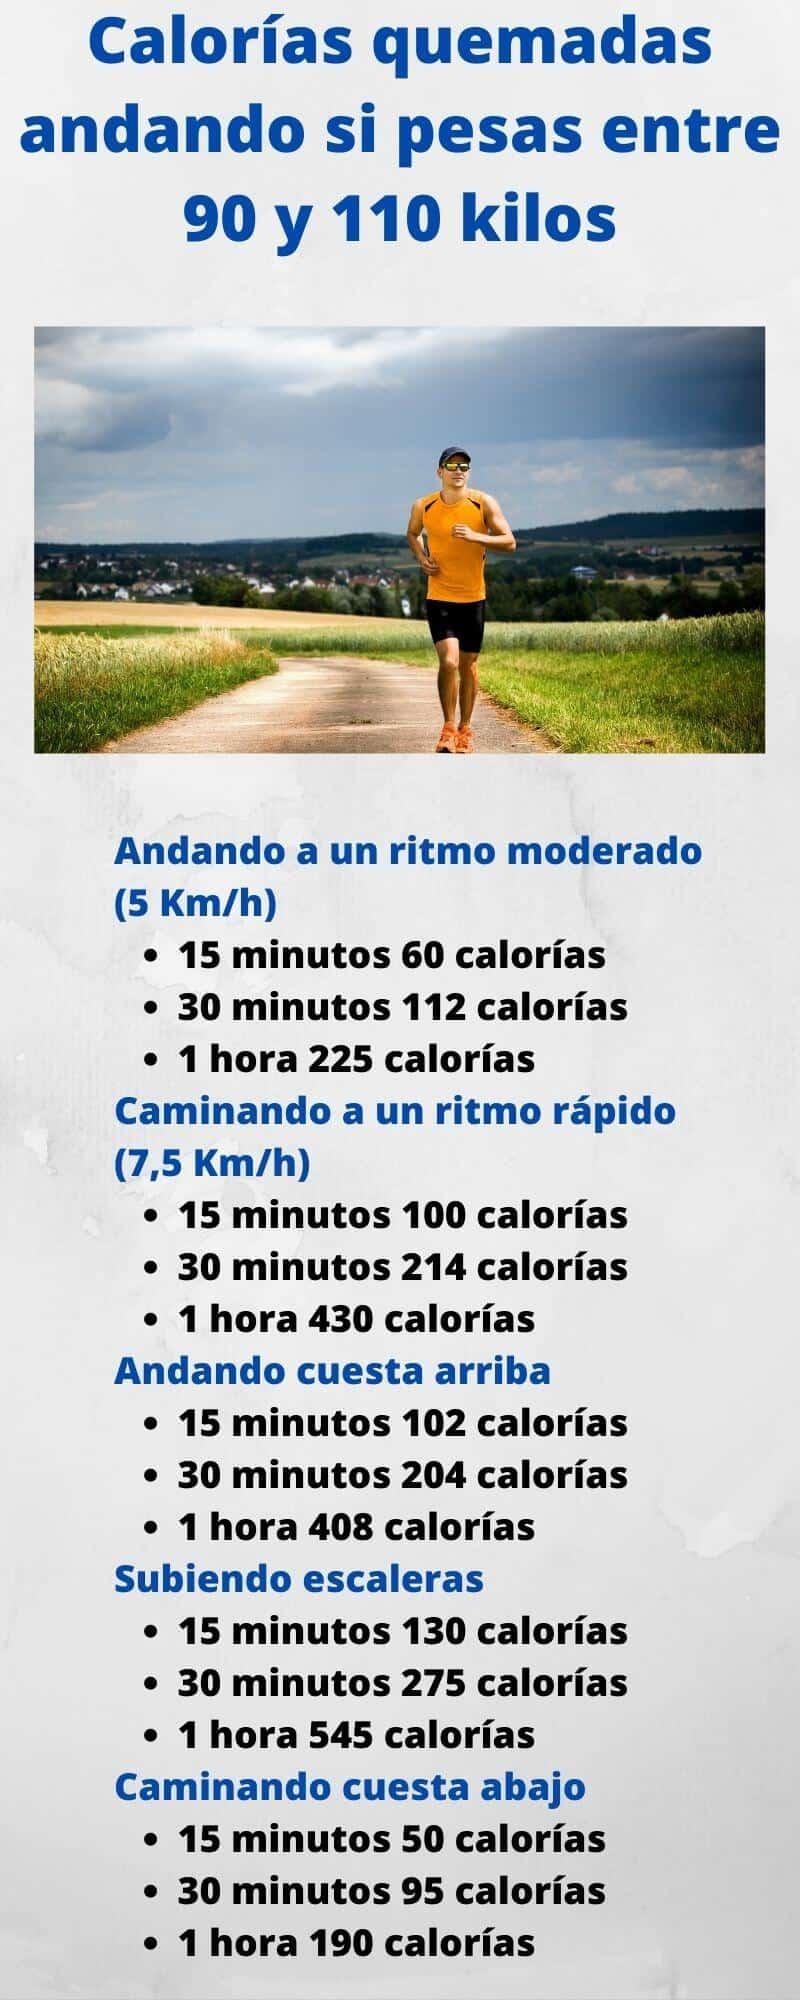 Infografía de calorías quemadas caminando de un hombre de entre 90 y 110 kilos de peso corporal